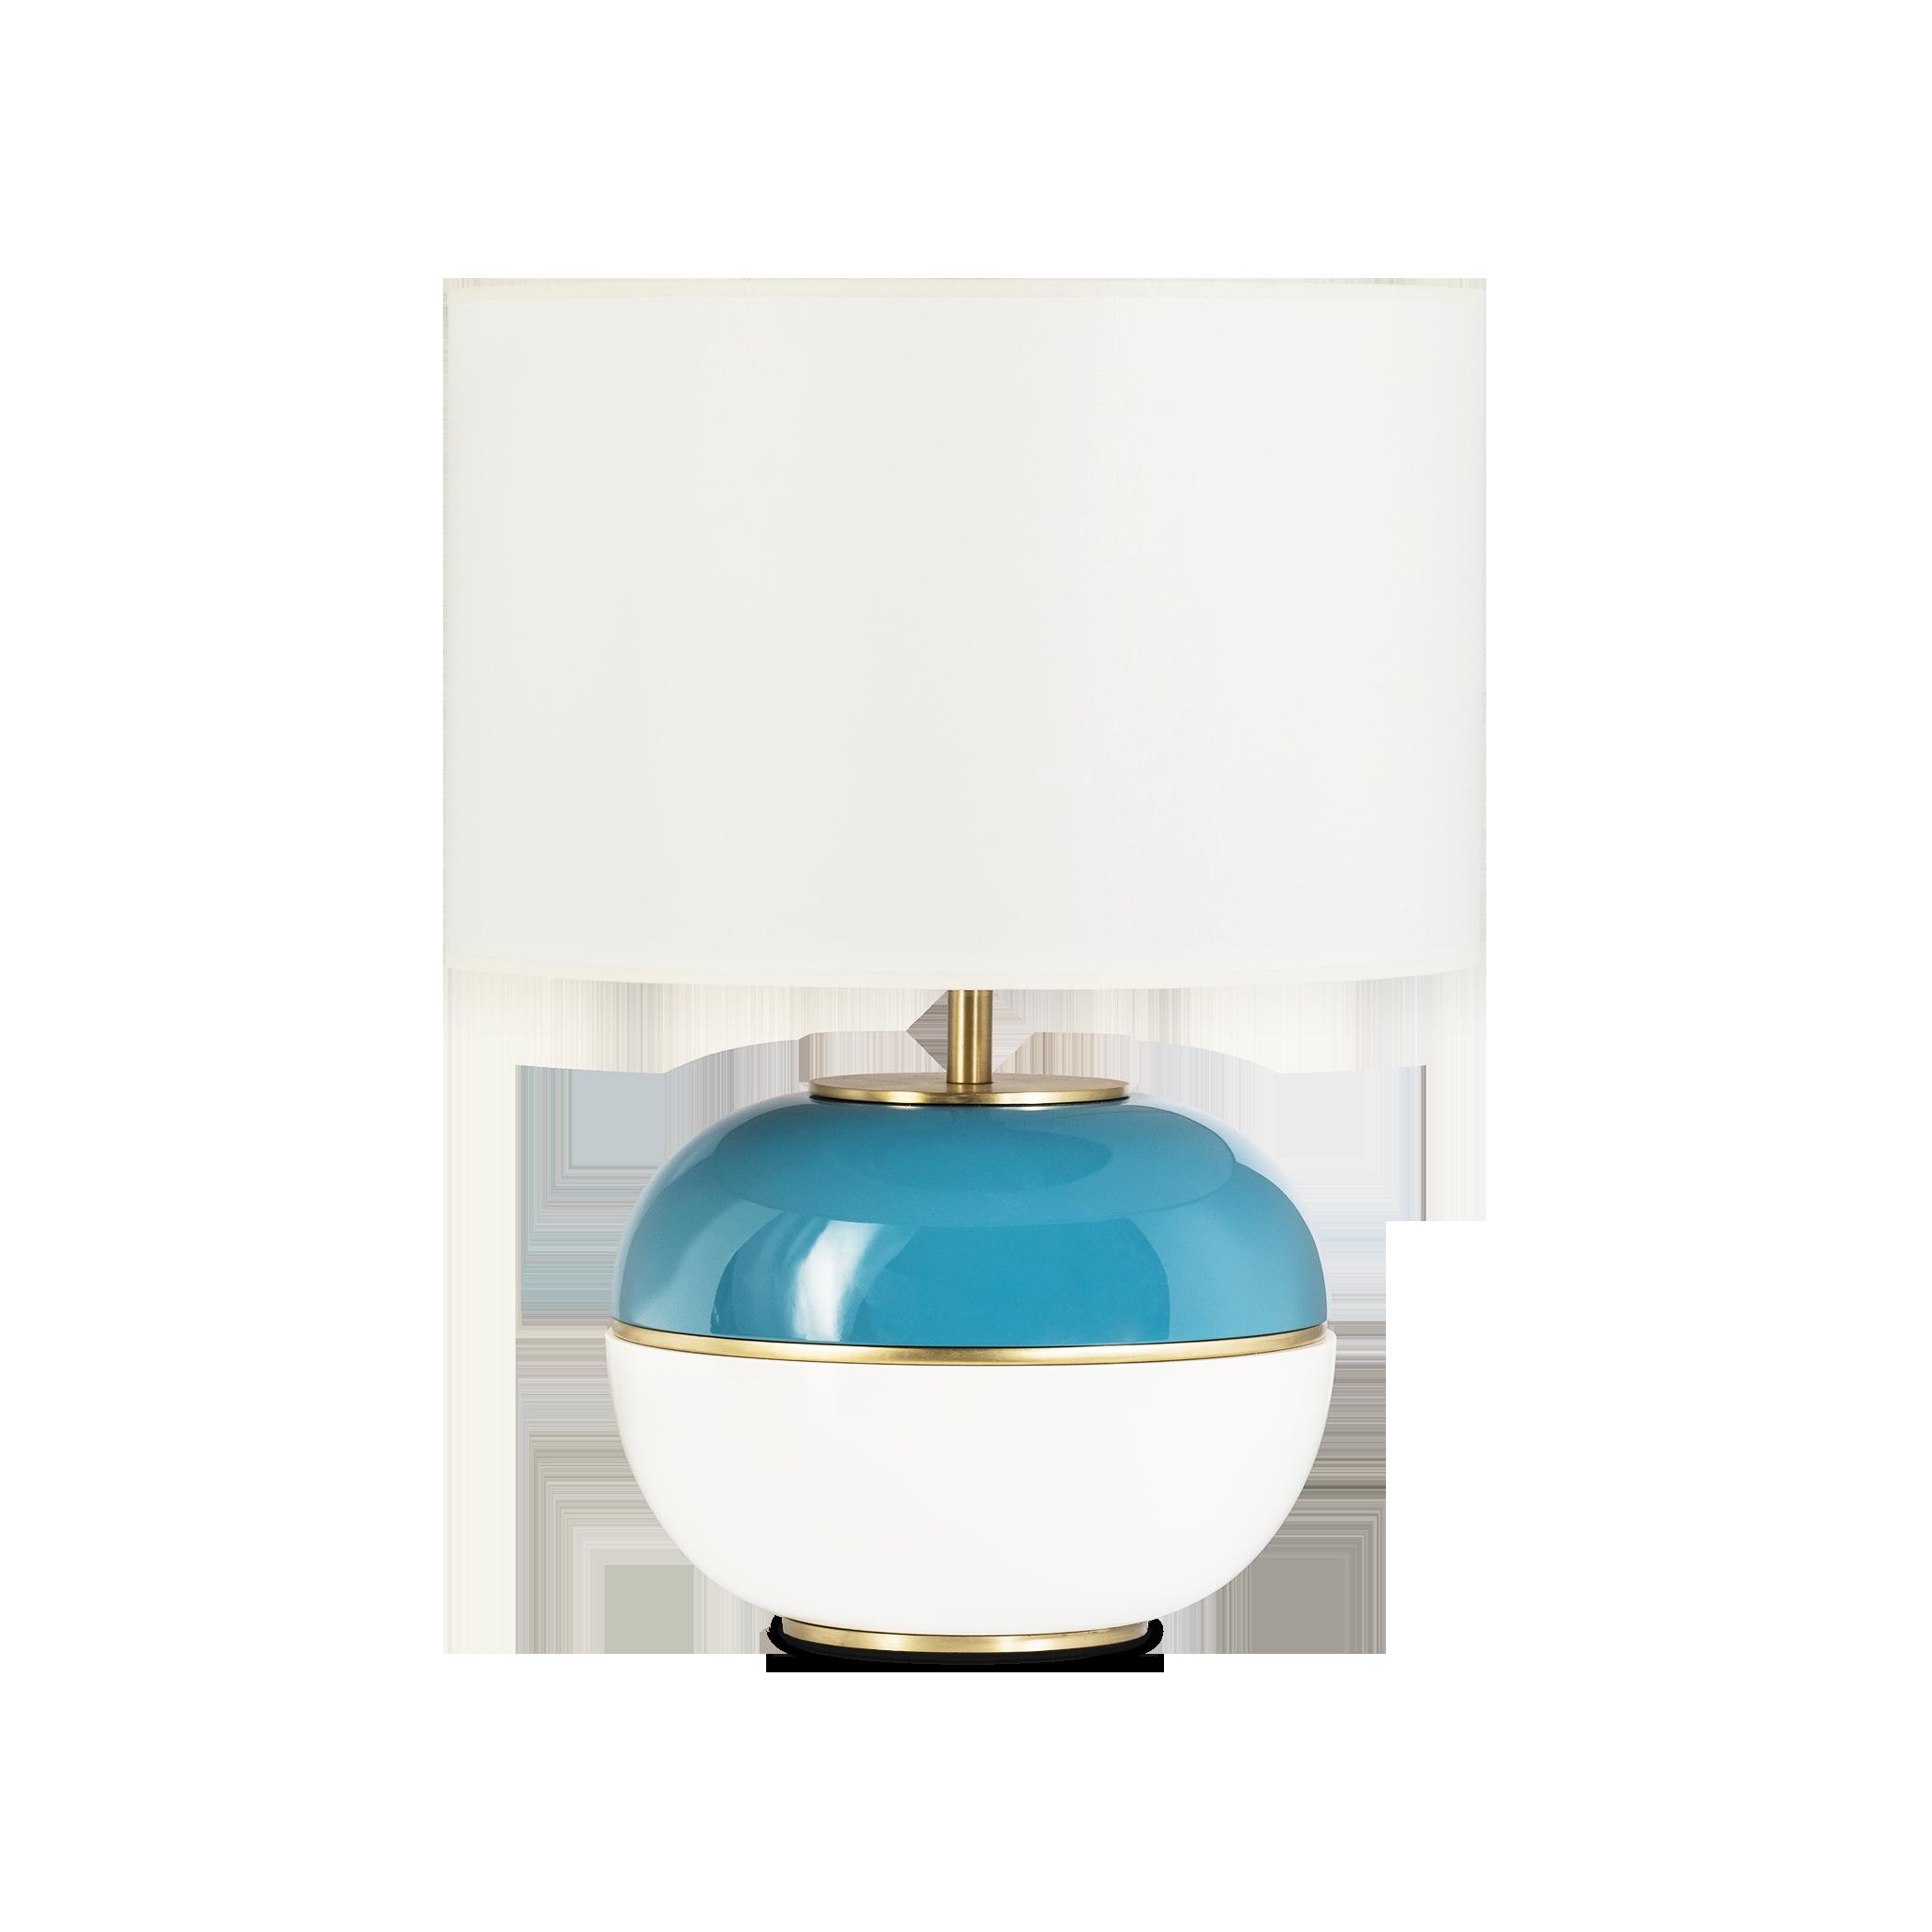 Настольная лампа SN026 Any-Home - SN026 | AnyHome.ru